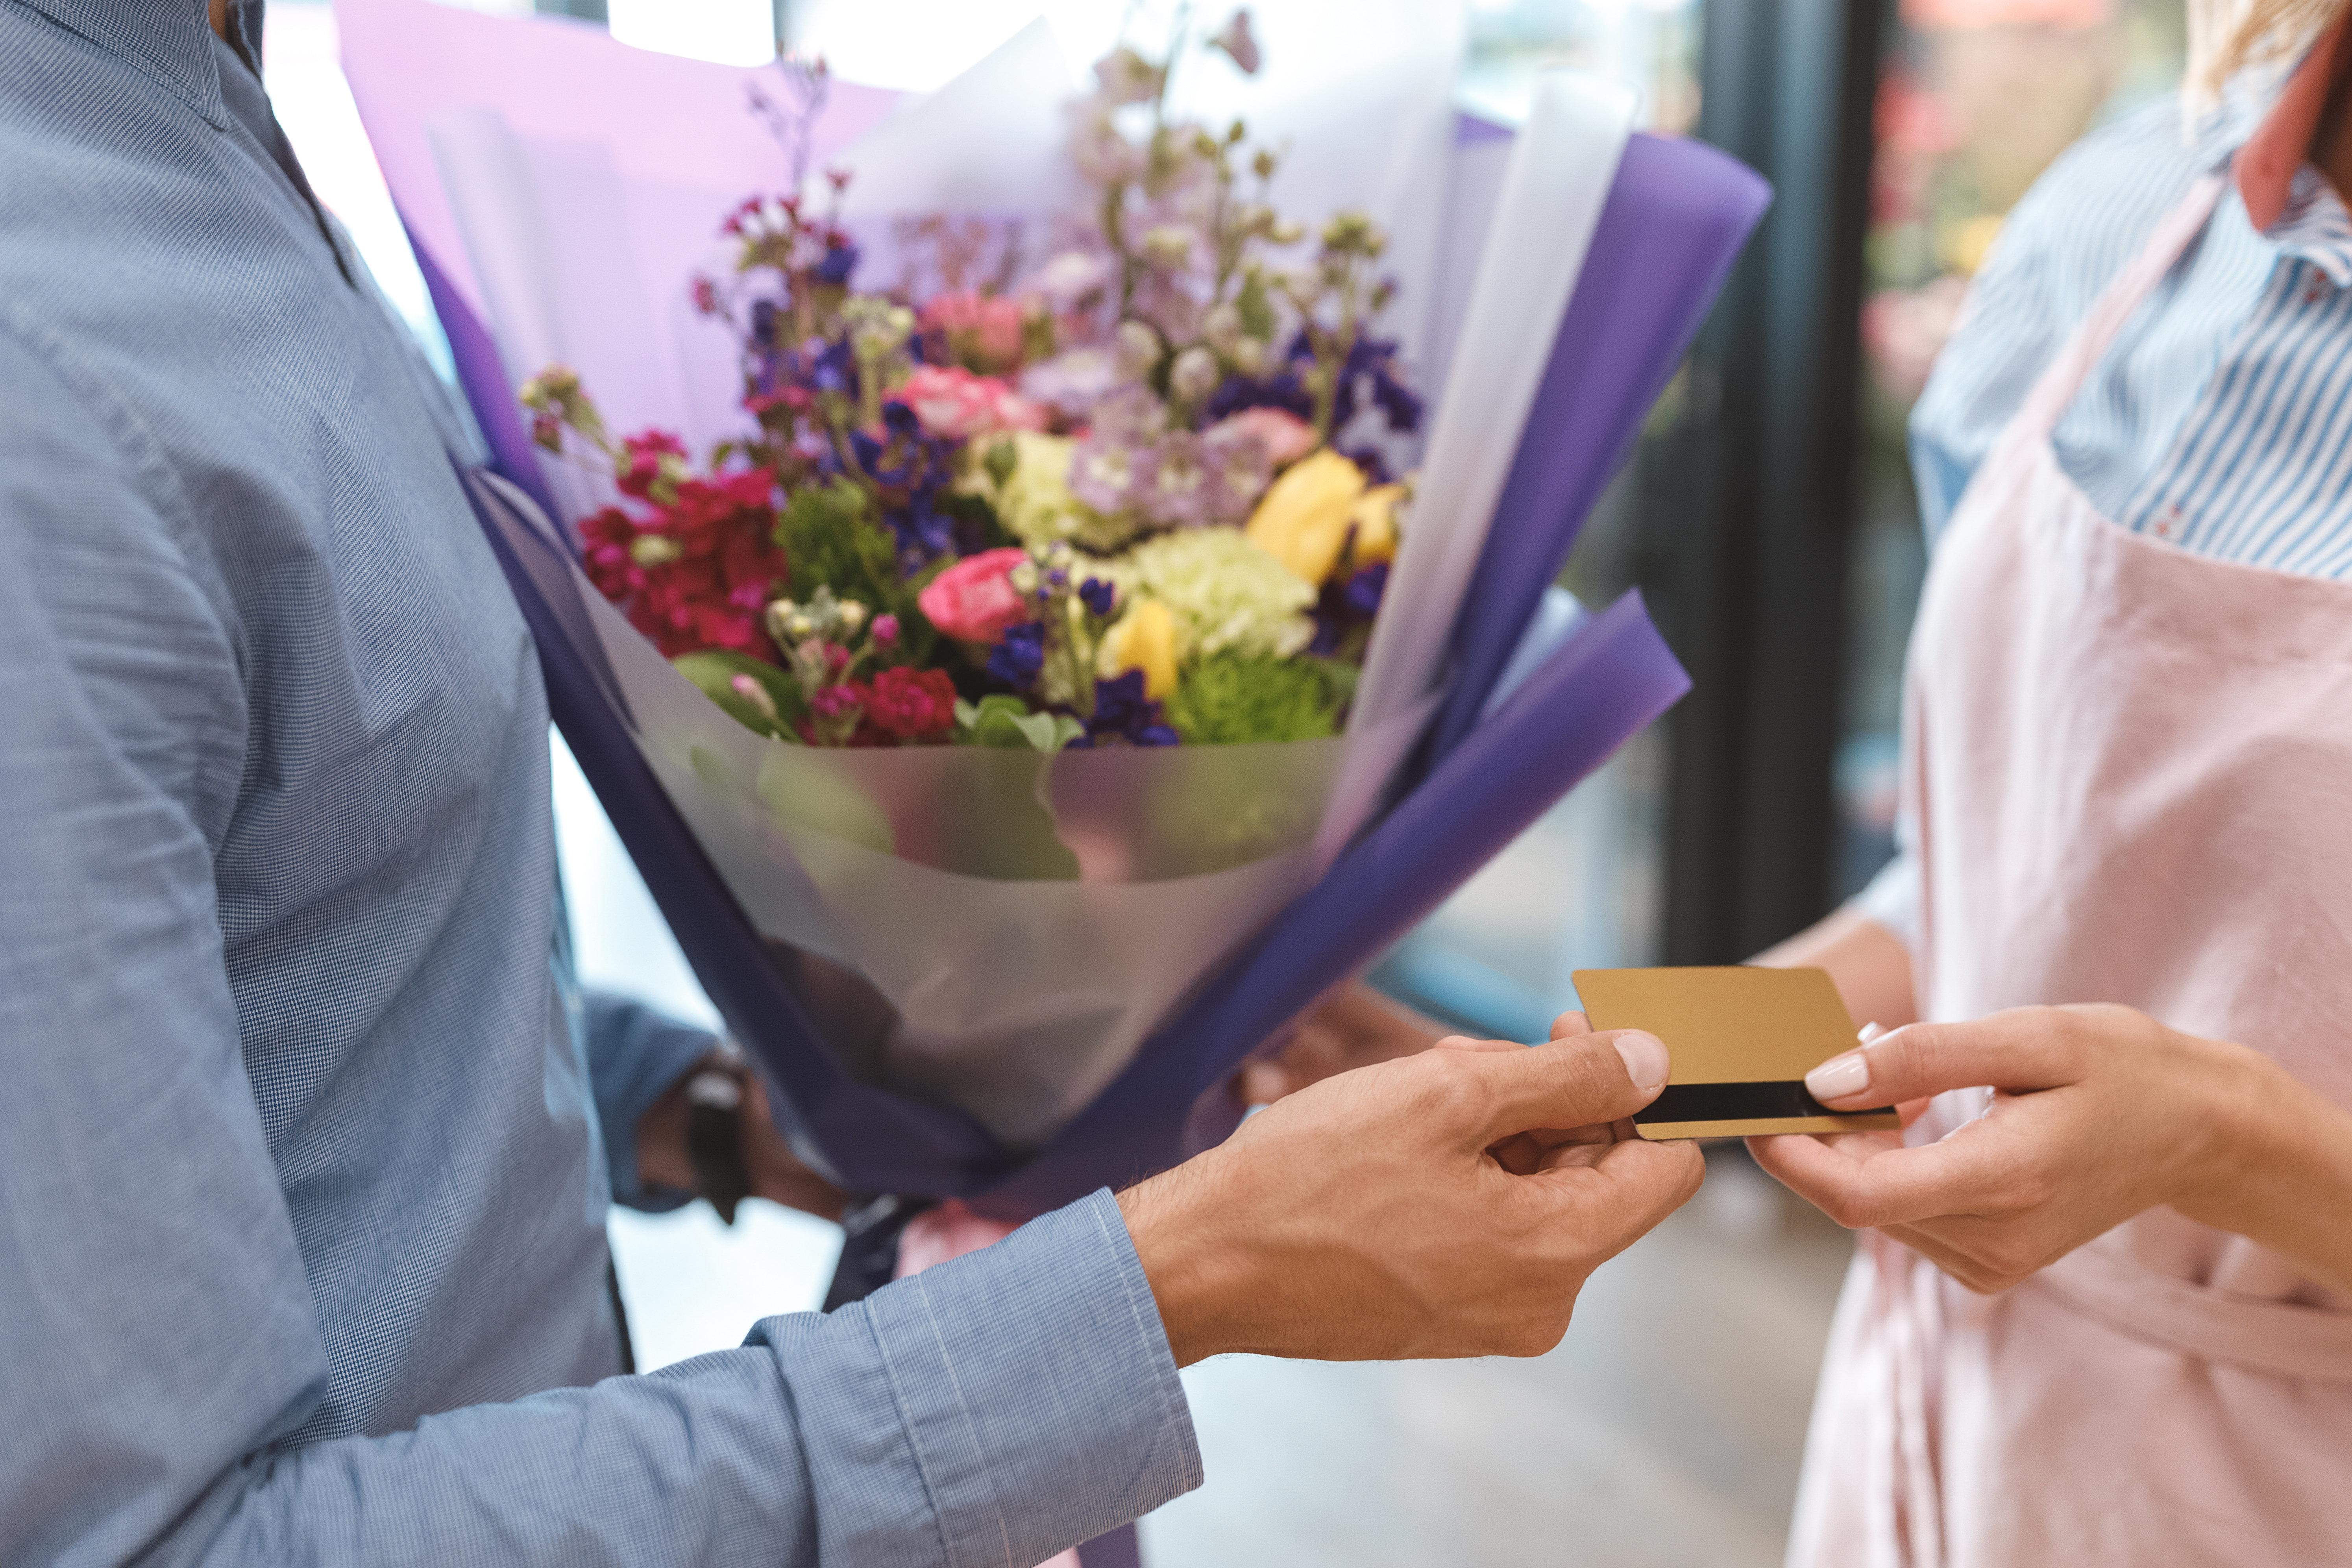 Mann kauft seiner Frau Blumen – als er aus dem Laden kommt, ist er stocksauer